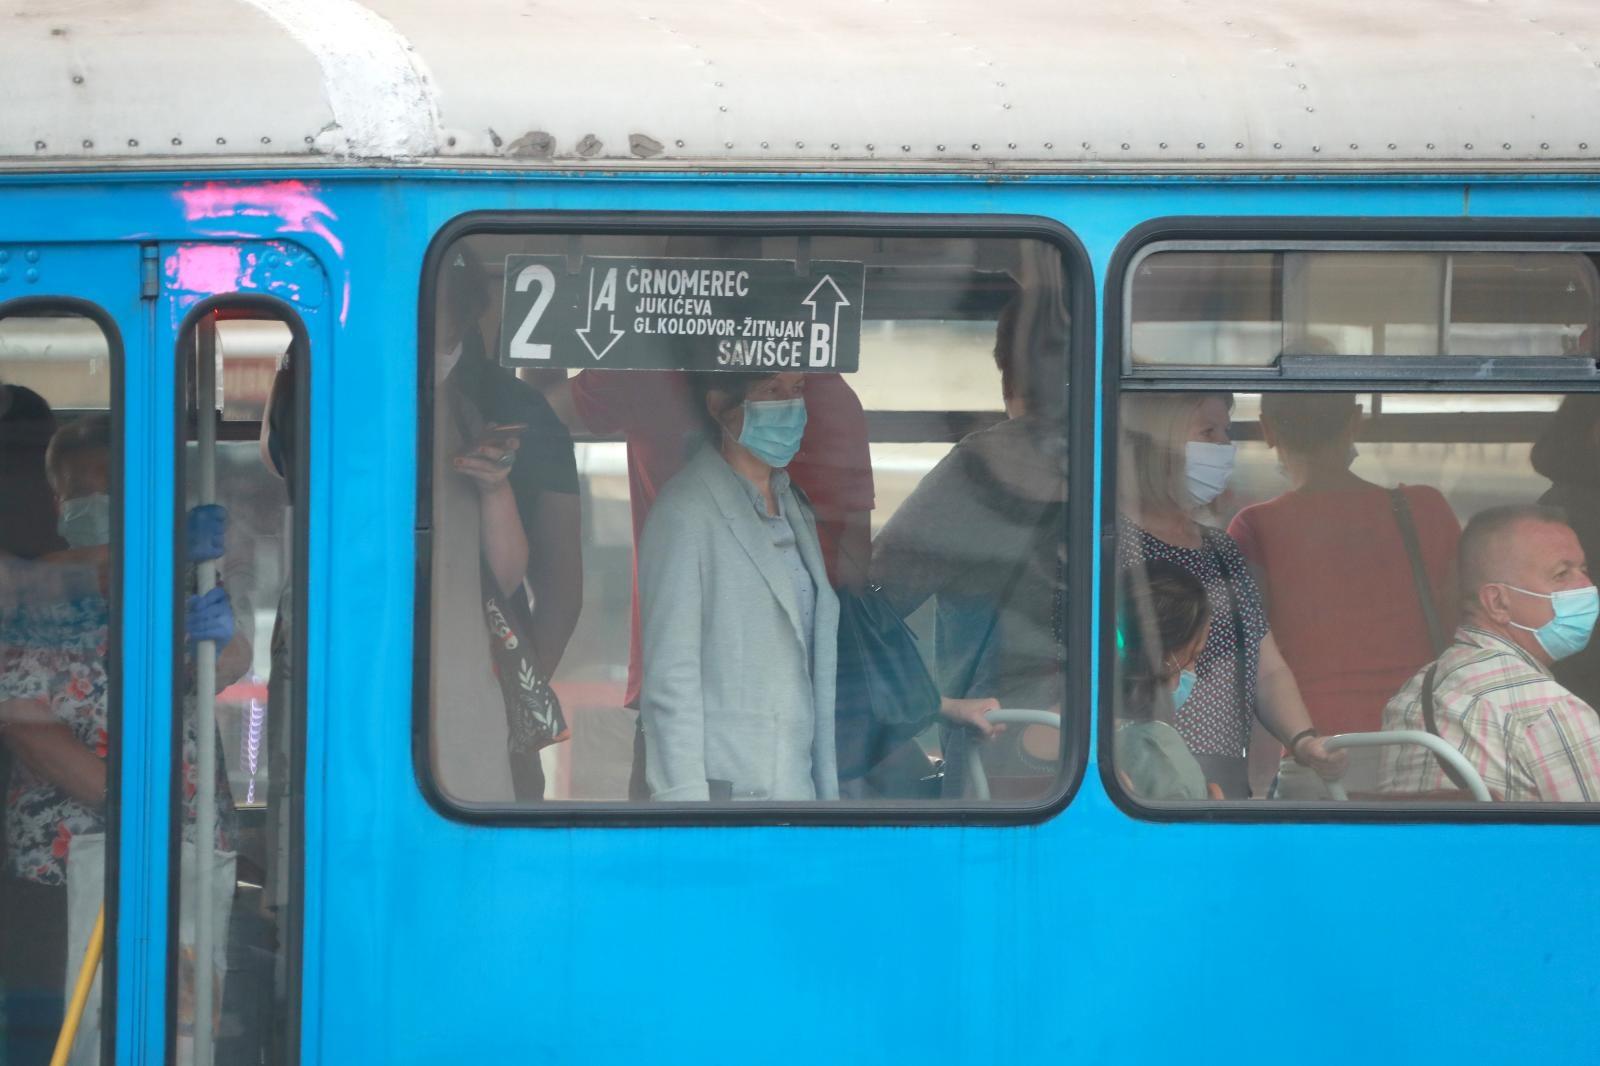 Ministar Božinović je na jučerašnjoj presici rekao kako putnici koji nemaju masku ne smiju niti ući u vozilo.